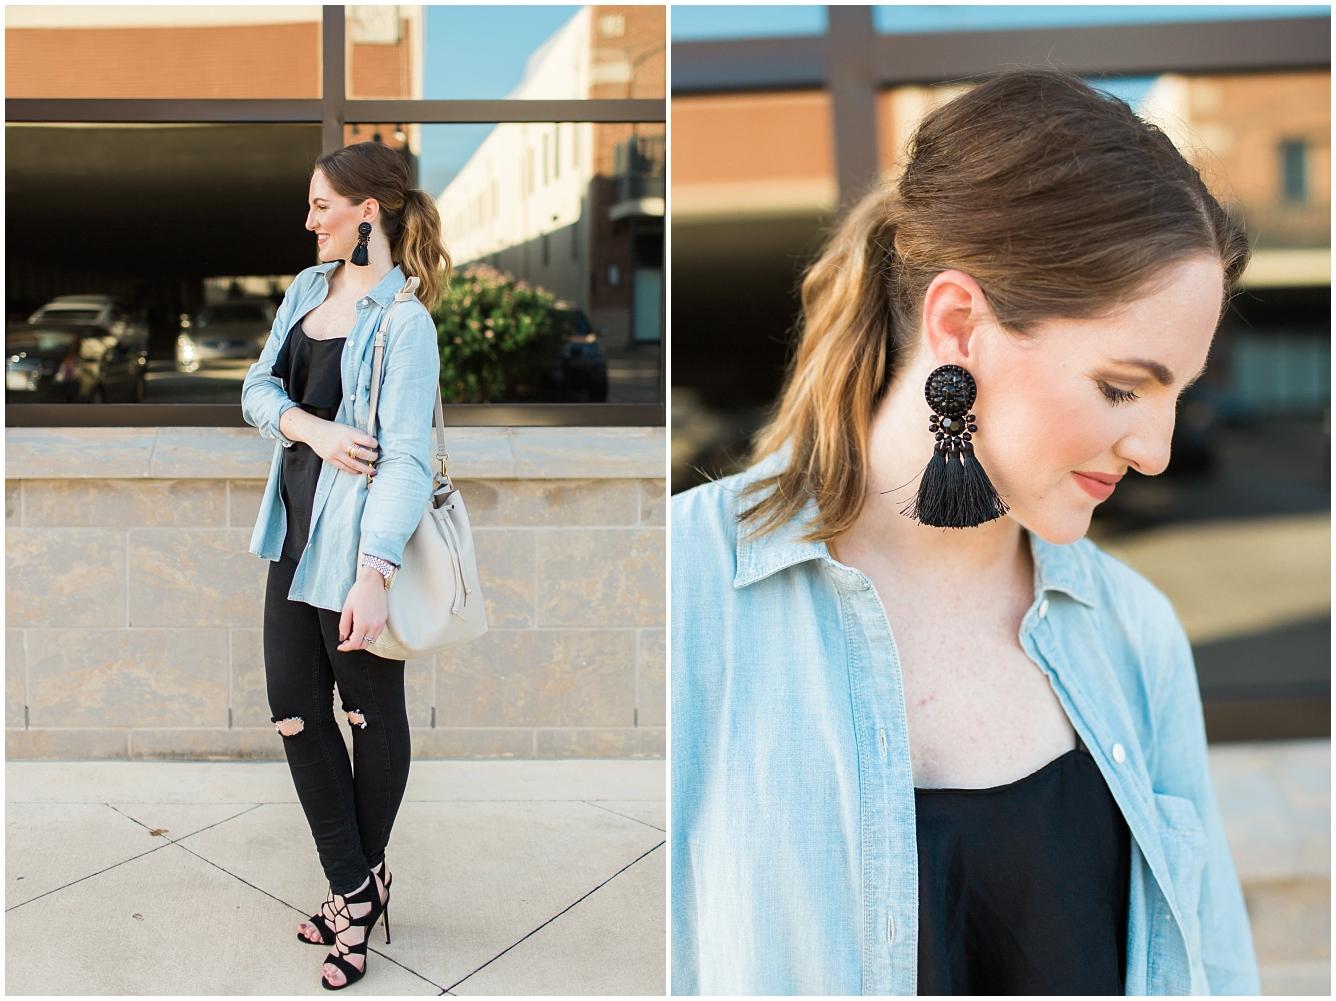 houston-tx-fashion-blogger-photographer-24